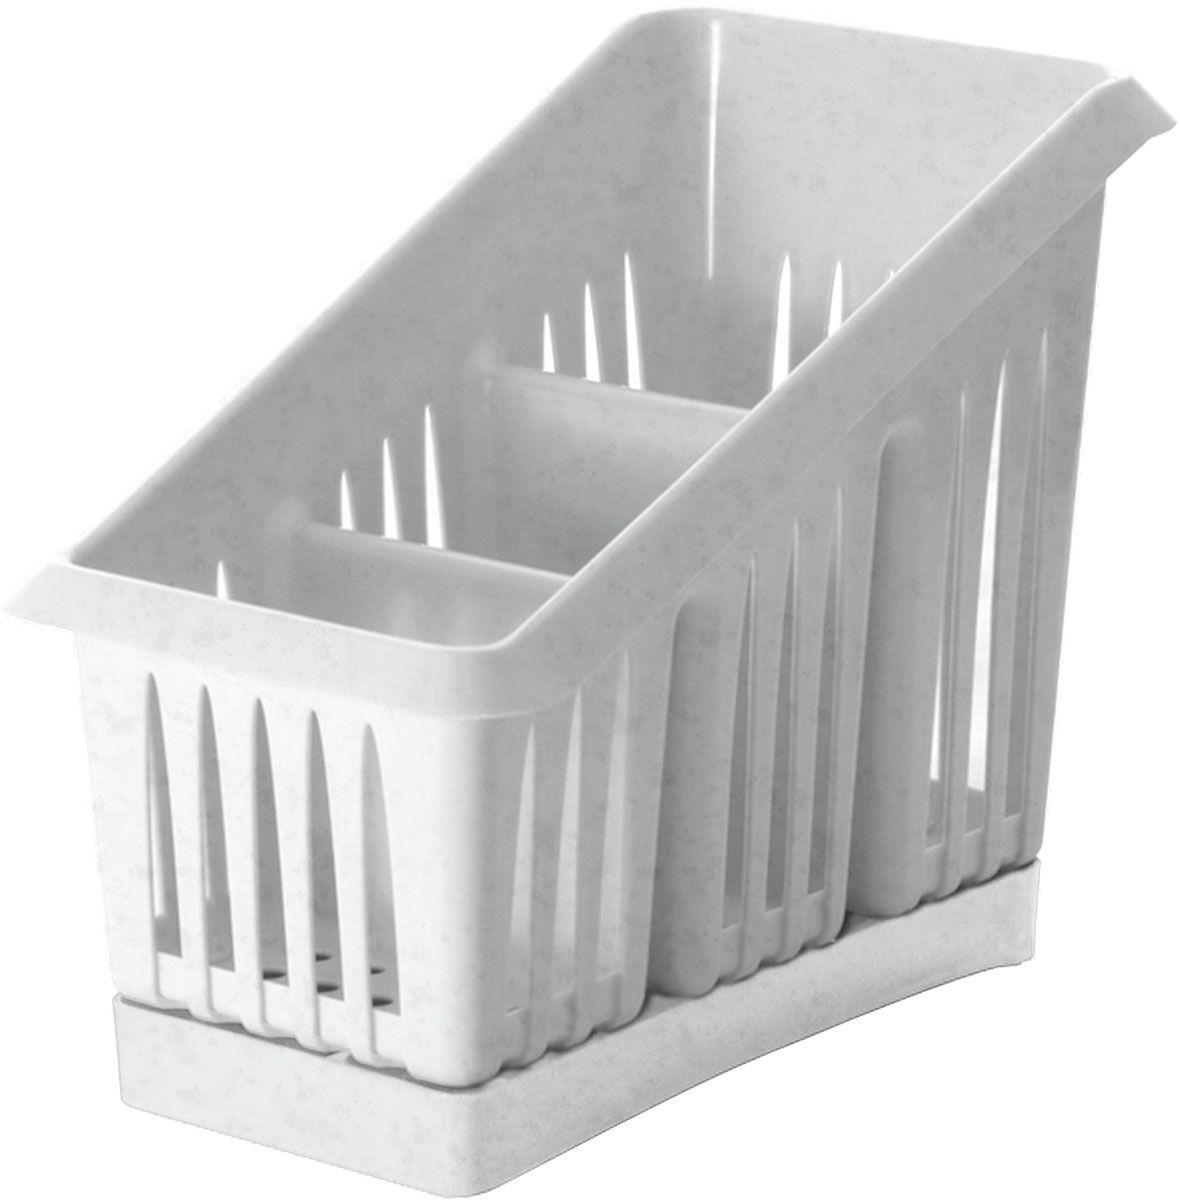 Сушилка для столовых приборов Plastic Centre Лилия, 3-секционная, цвет: мраморный, 20 х 12 х 16 смПЦ1564МРСушилка для столовых приборов Plastic Centre пригодится на любой кухне. Изделие выполнено из полипропилена. Три секции позволят сушить или хранить столовые приборы по отдельности (ножи, вилки, ложки и т.п.). Сушилка снабжена поддоном для стокаводы с приборов.